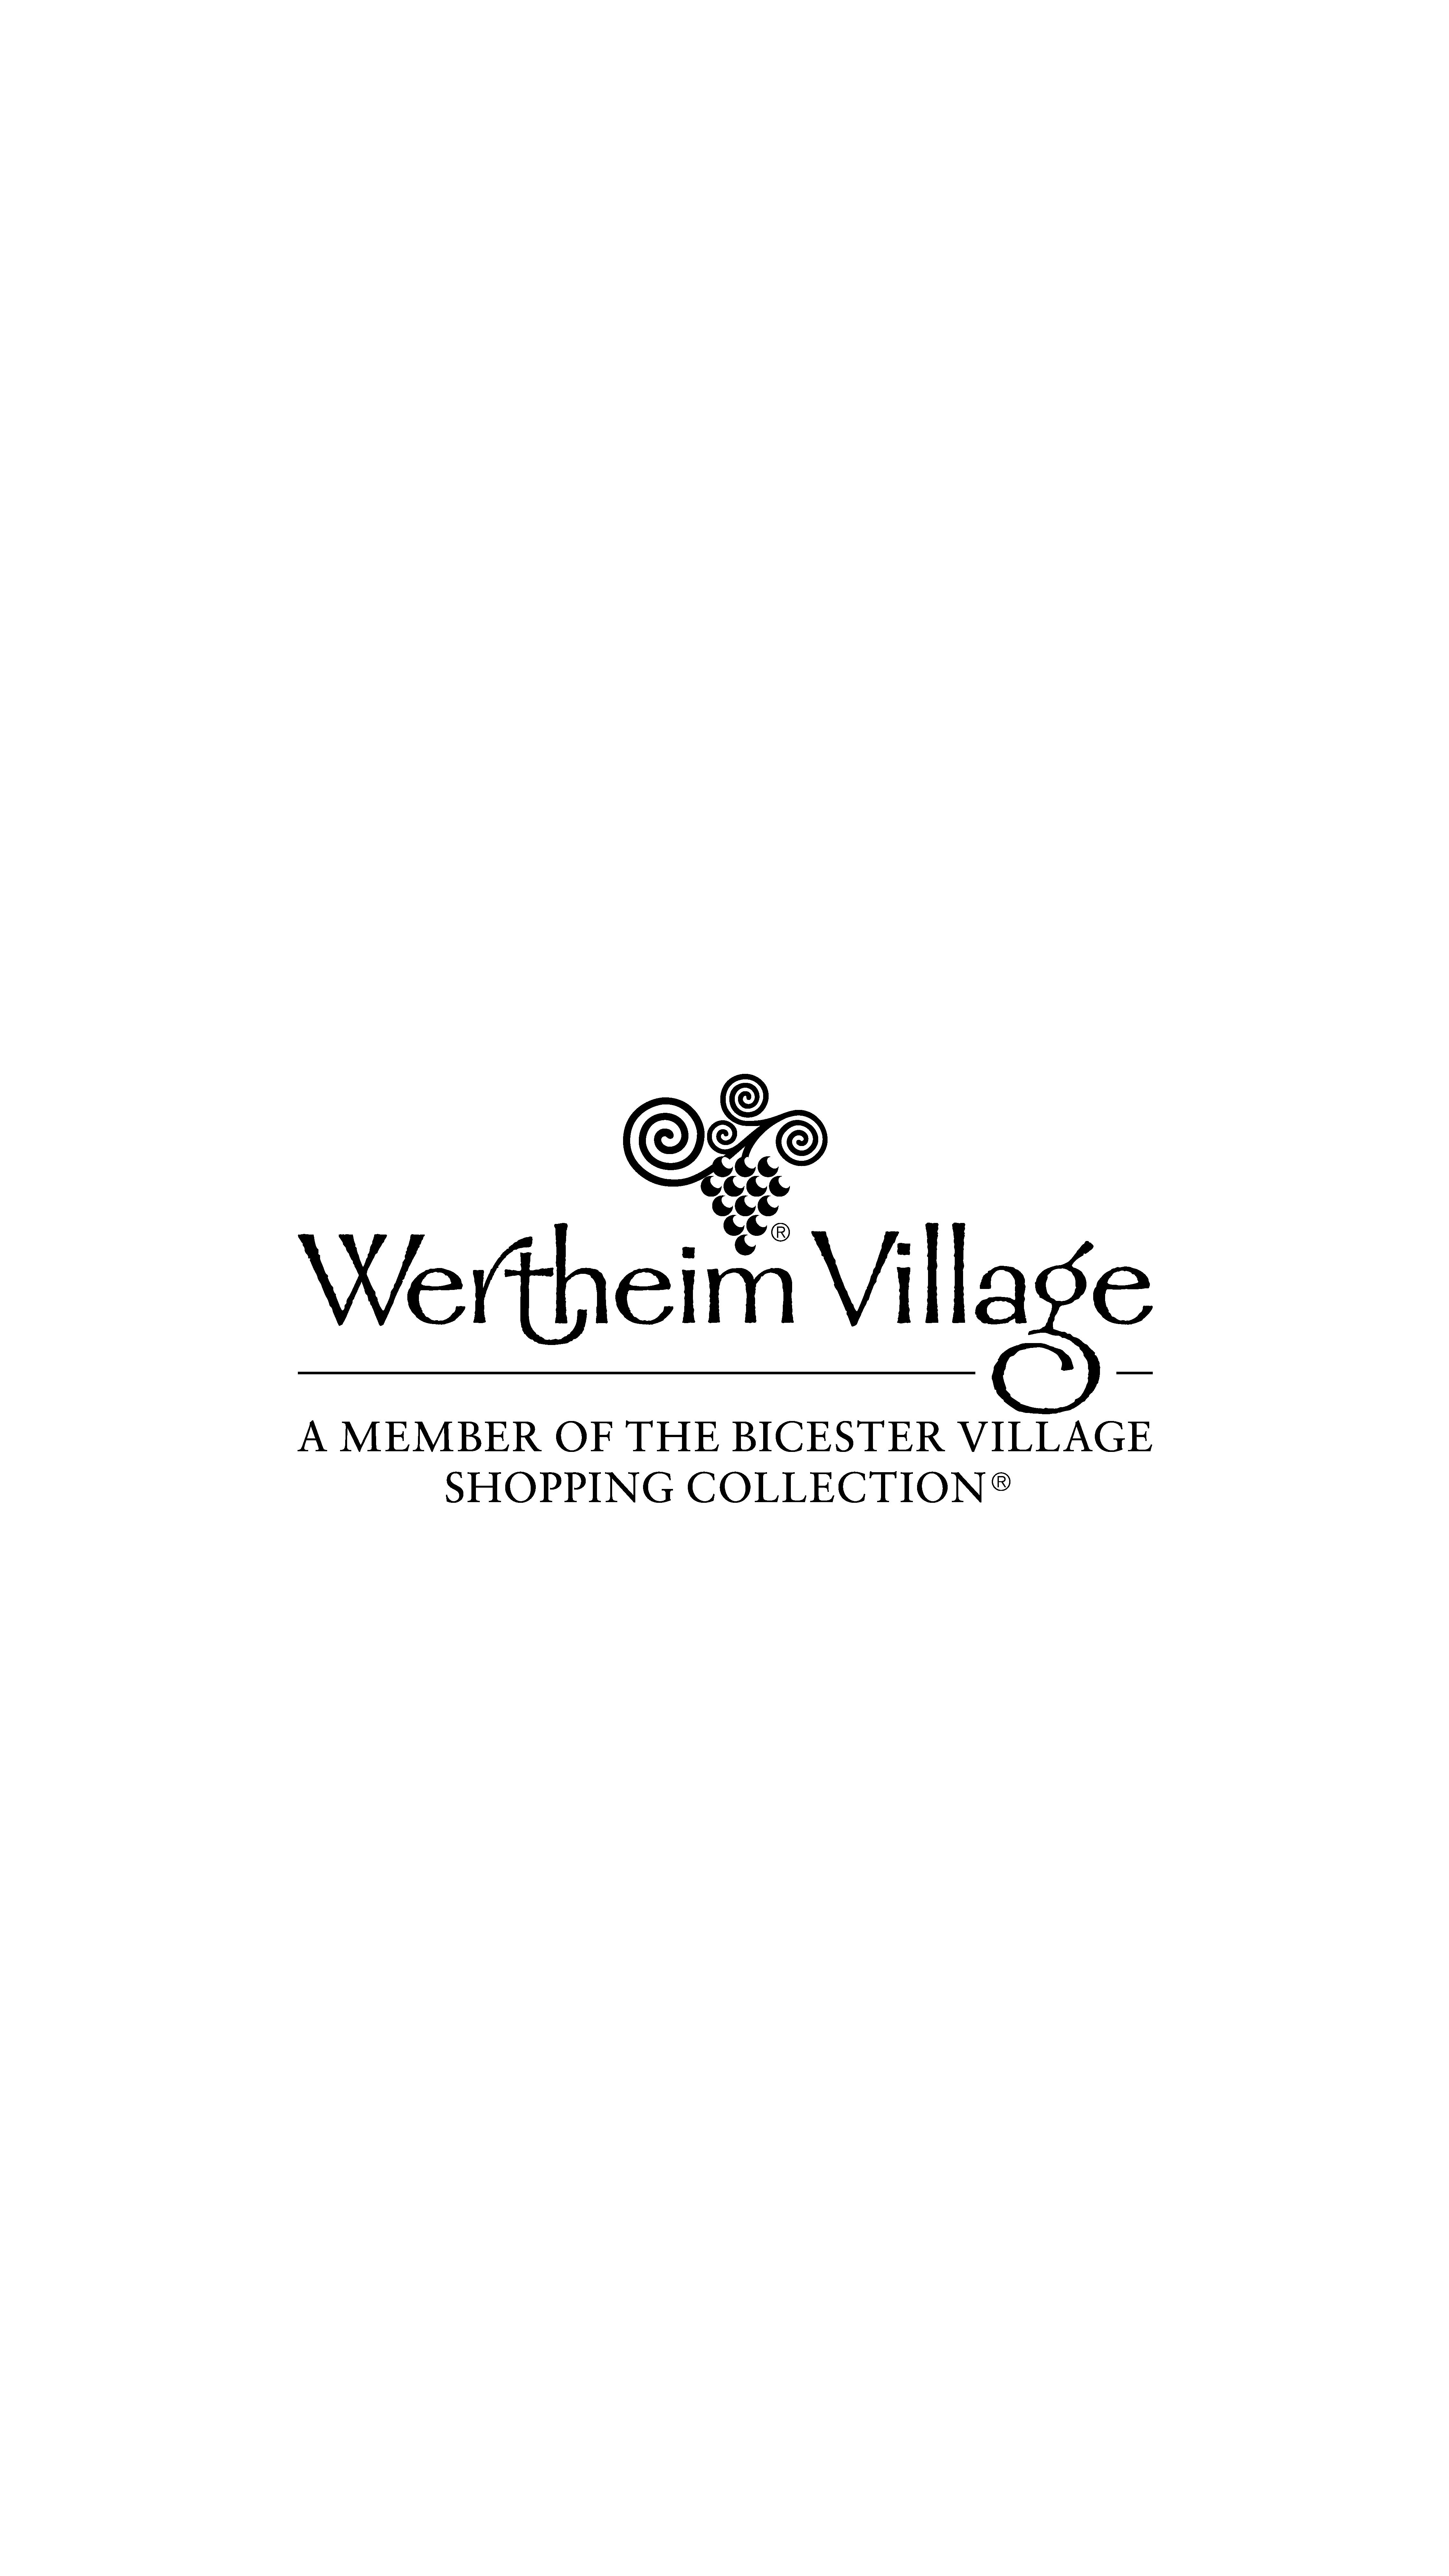 Das Logo des Wertheim Village.